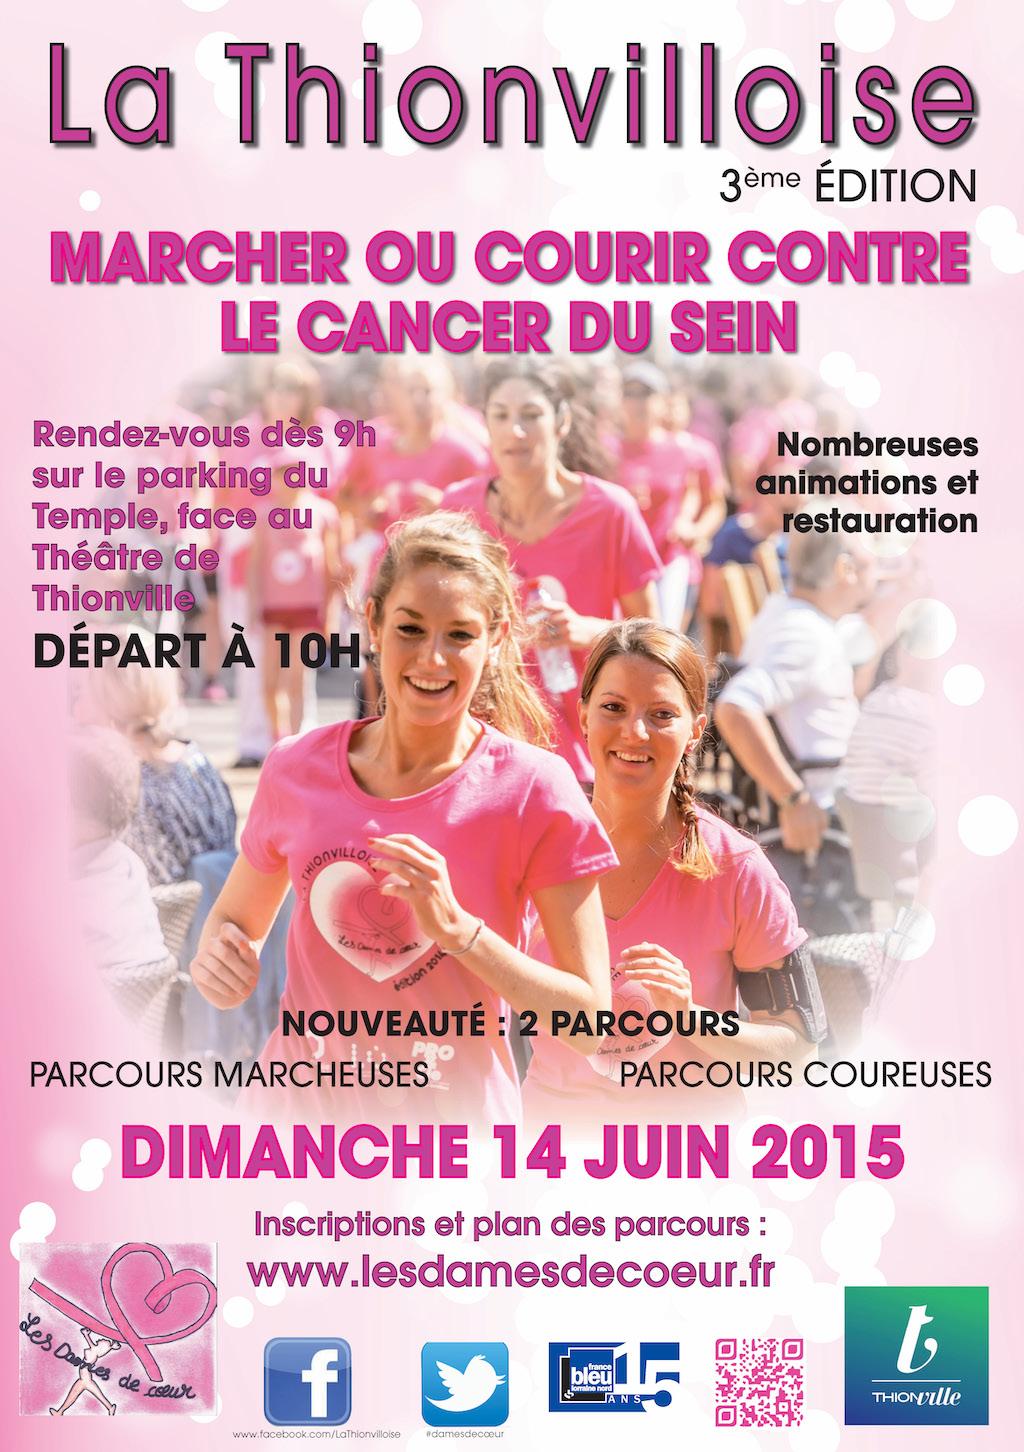 DDC_affiche_la-thionvilloise-2015